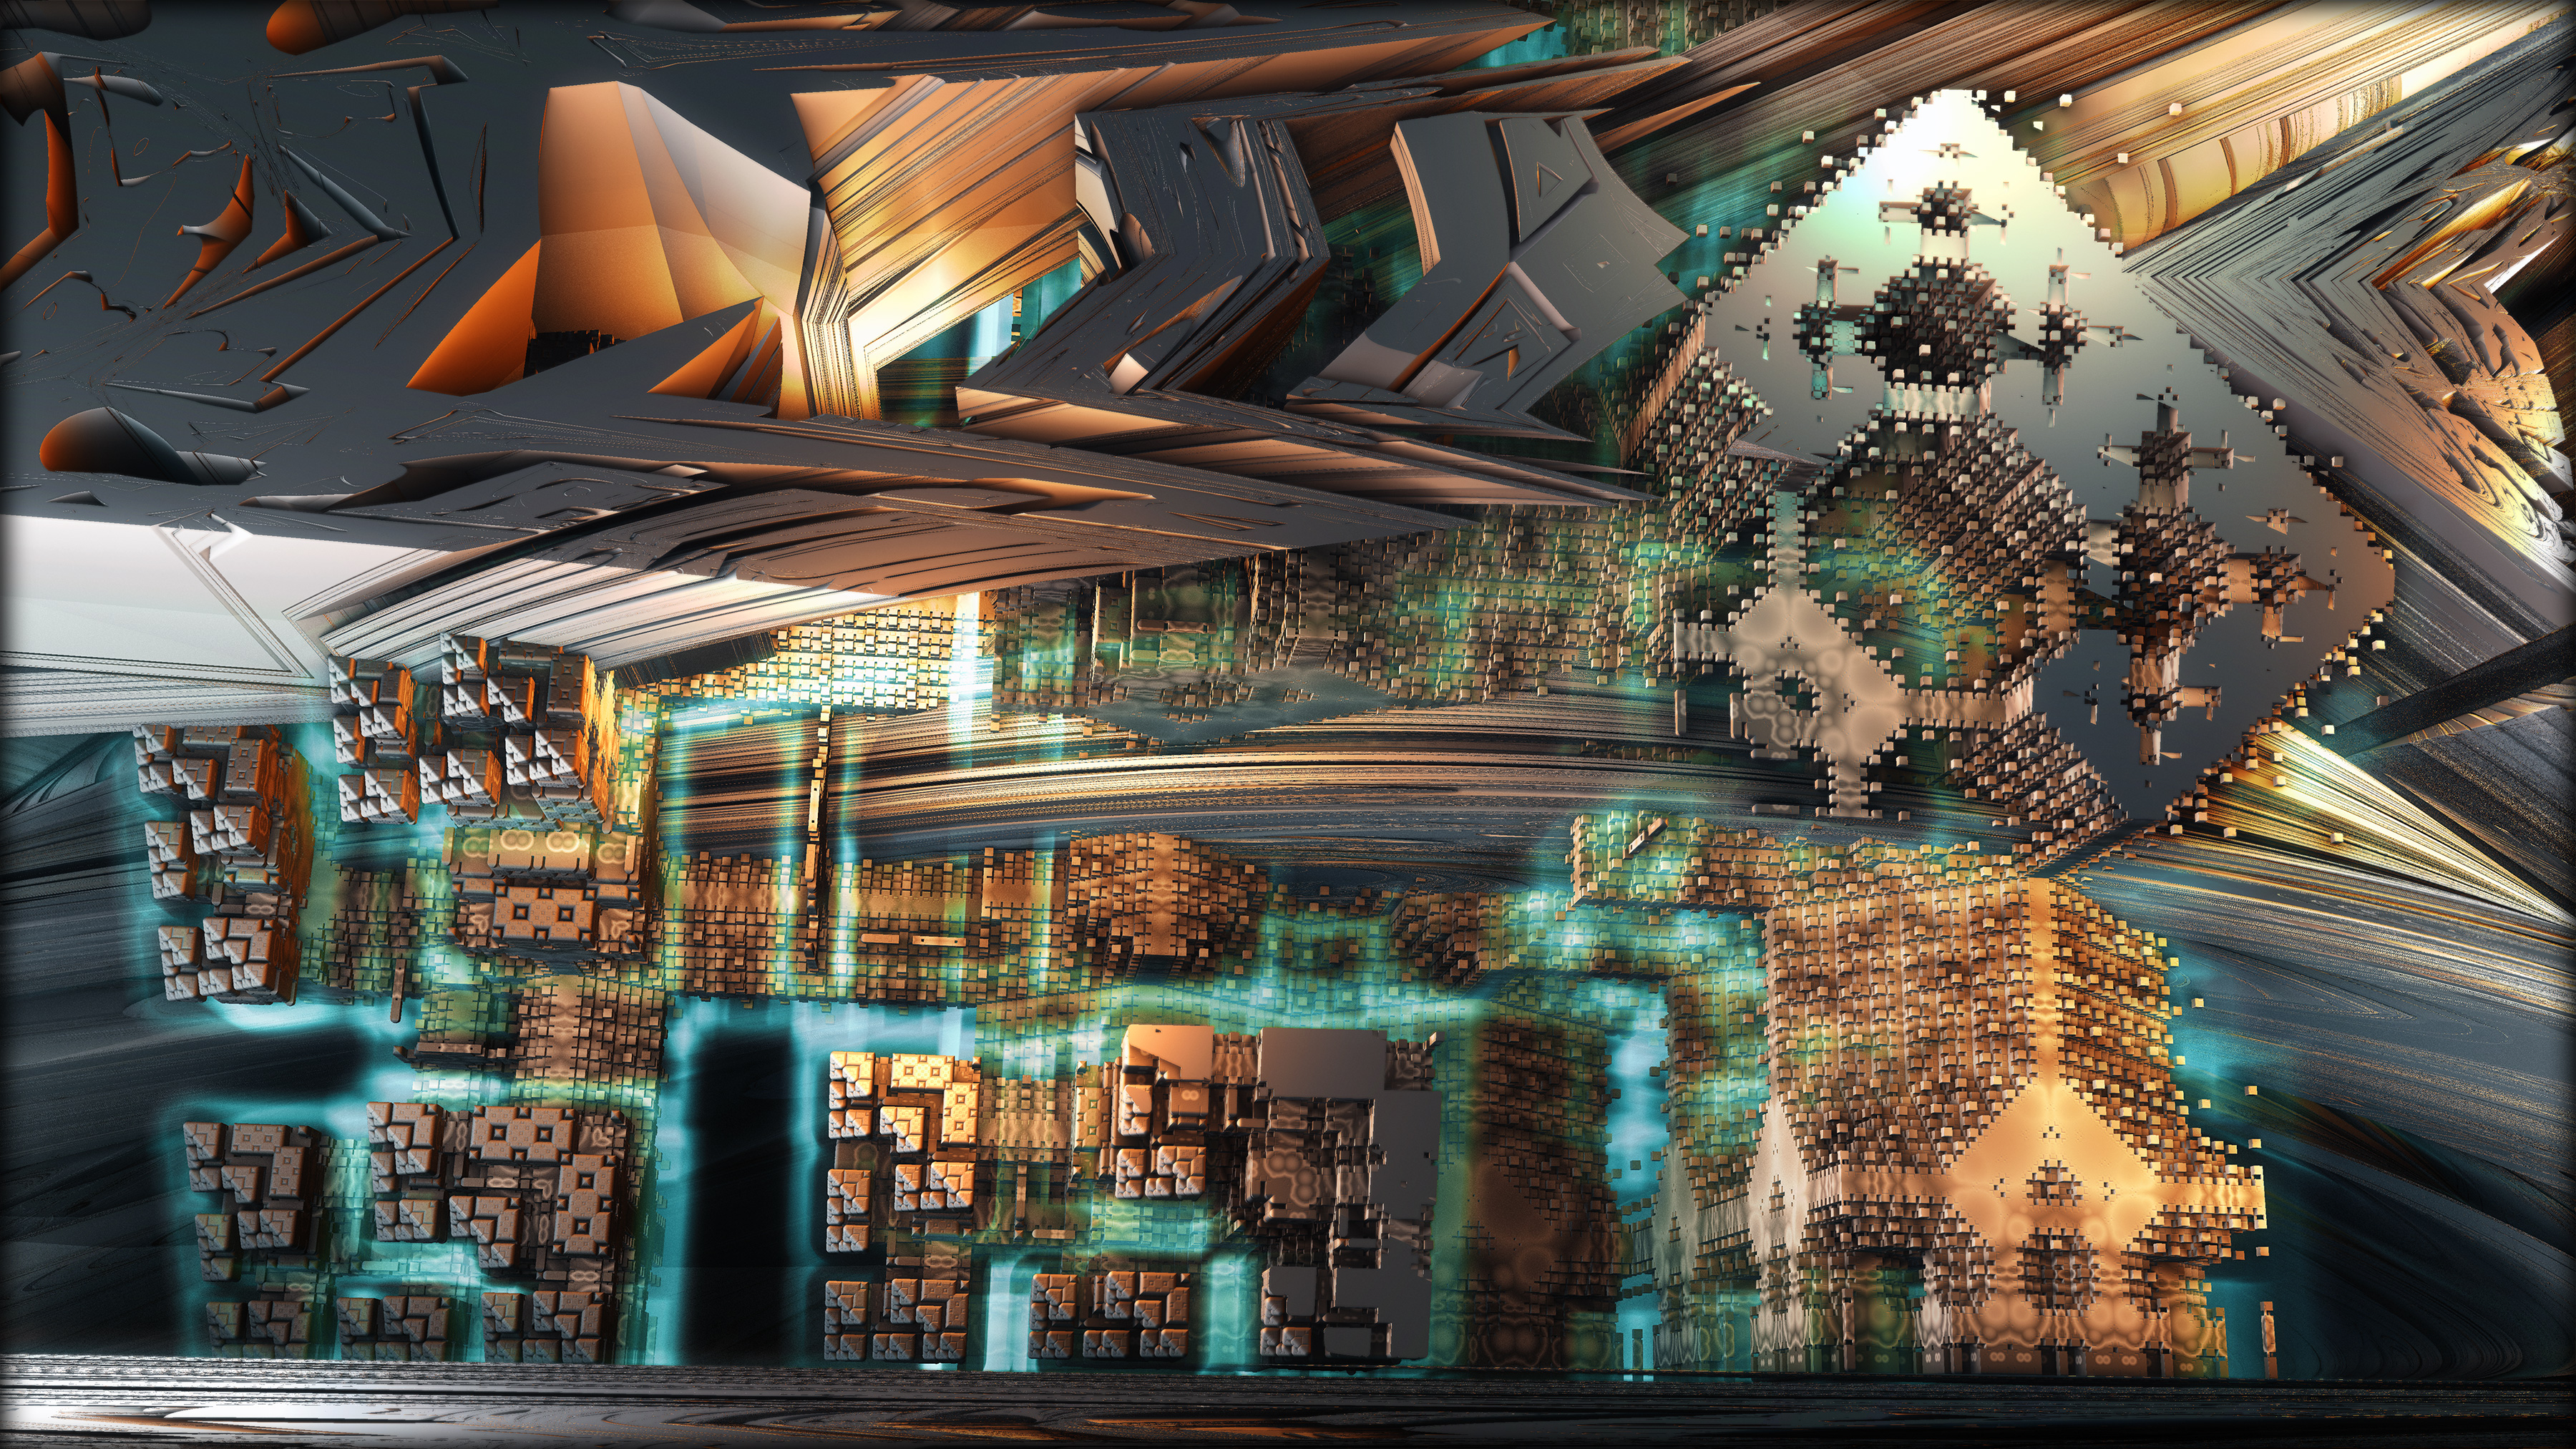 Sigma Cube Catacombs by axolotl7